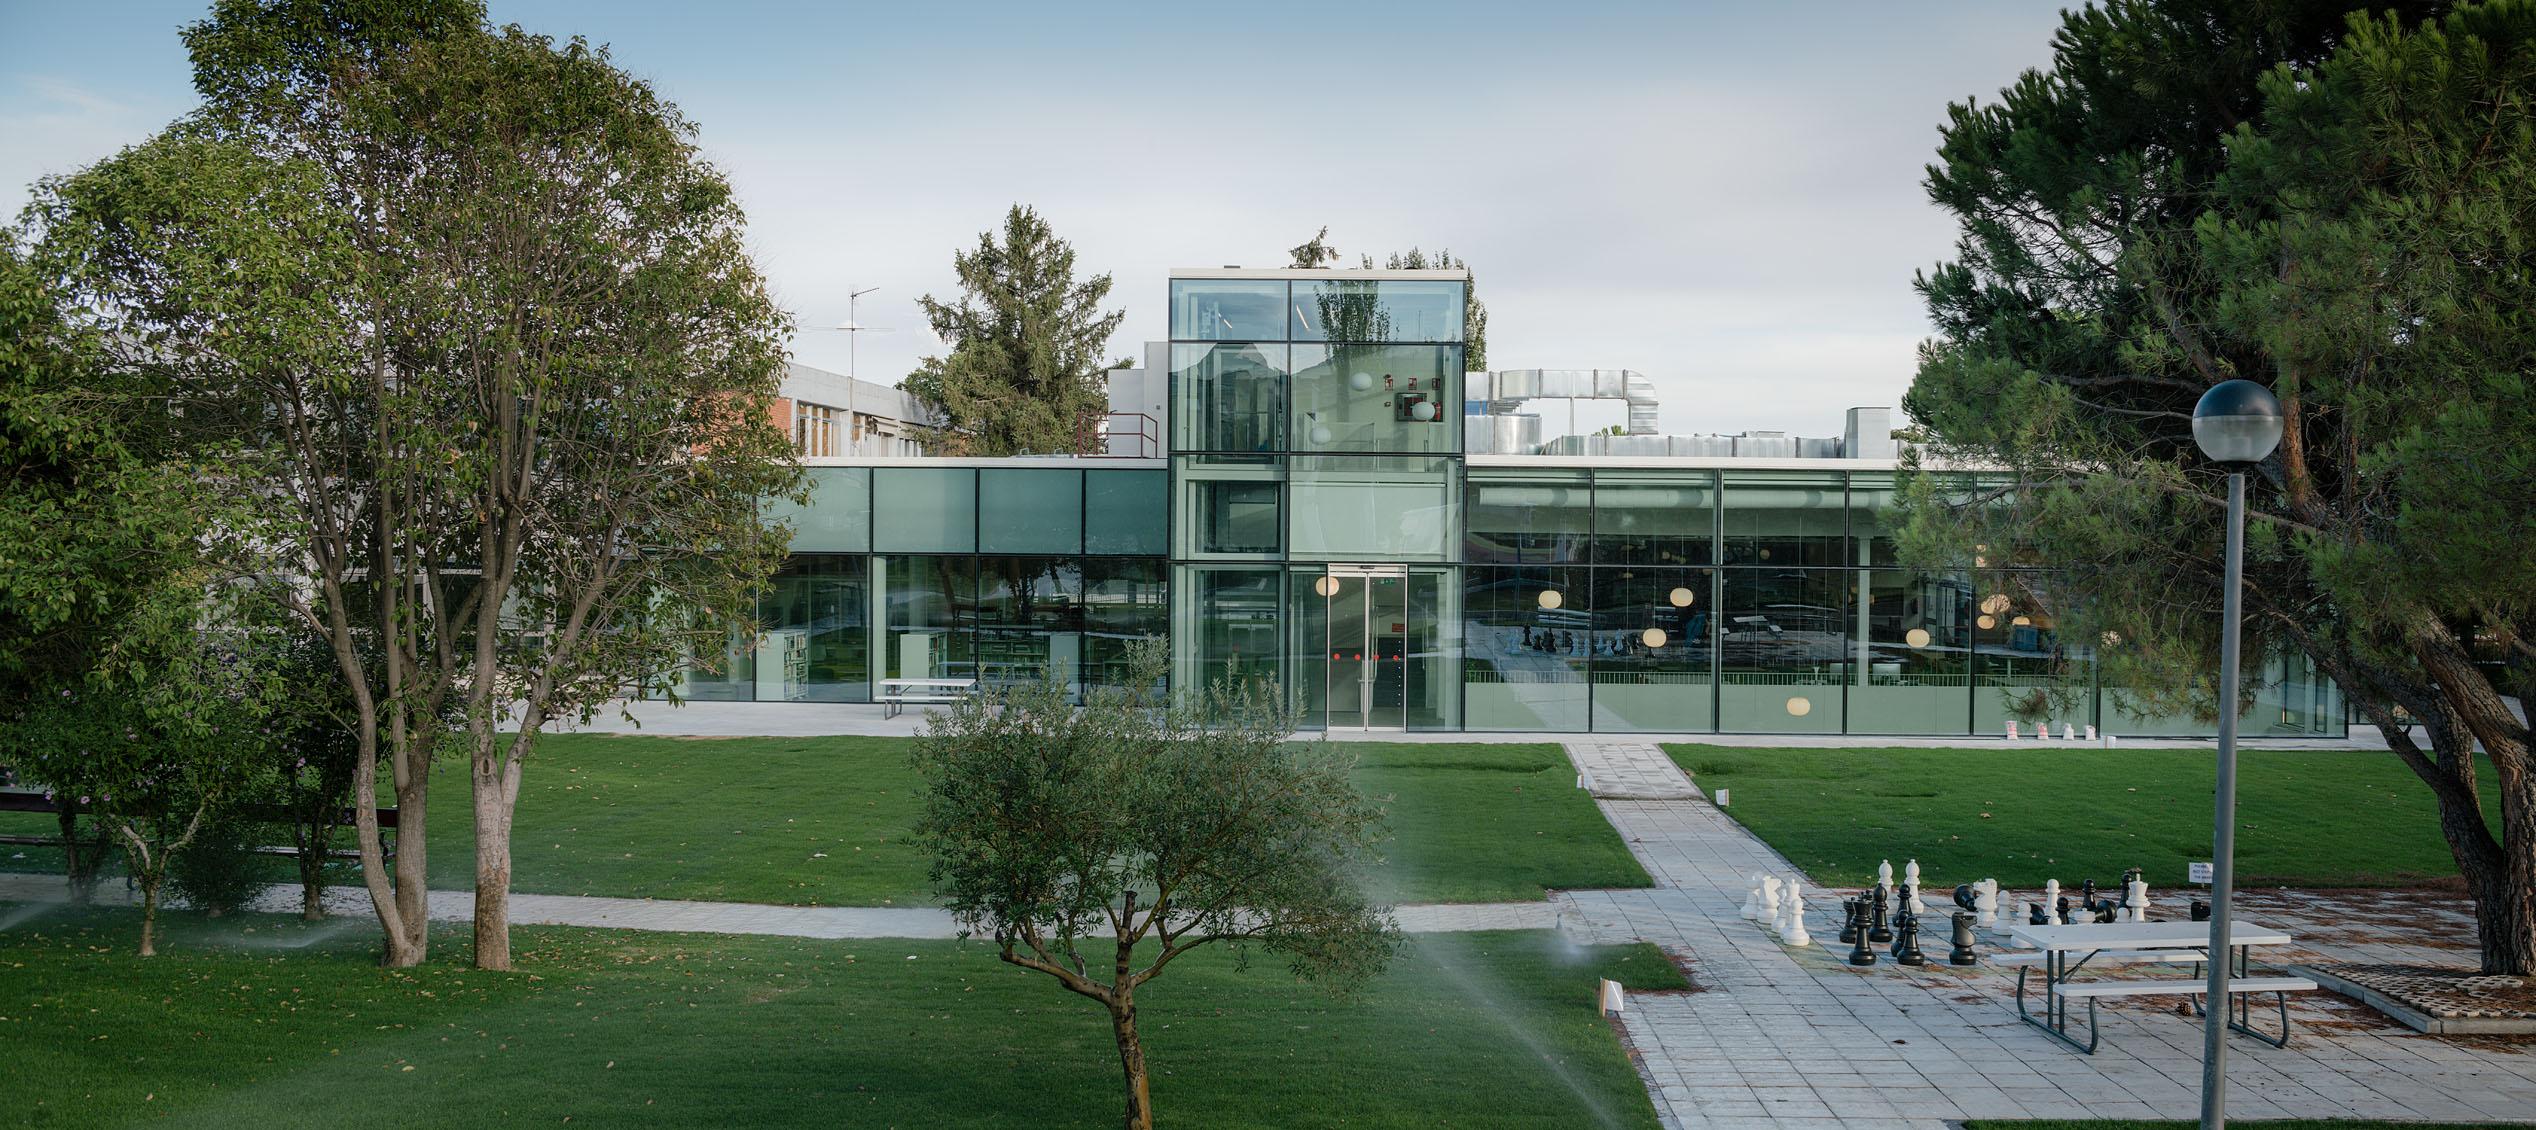 Arquitectos madrid listado debido with arquitectos madrid - Listado arquitectos madrid ...